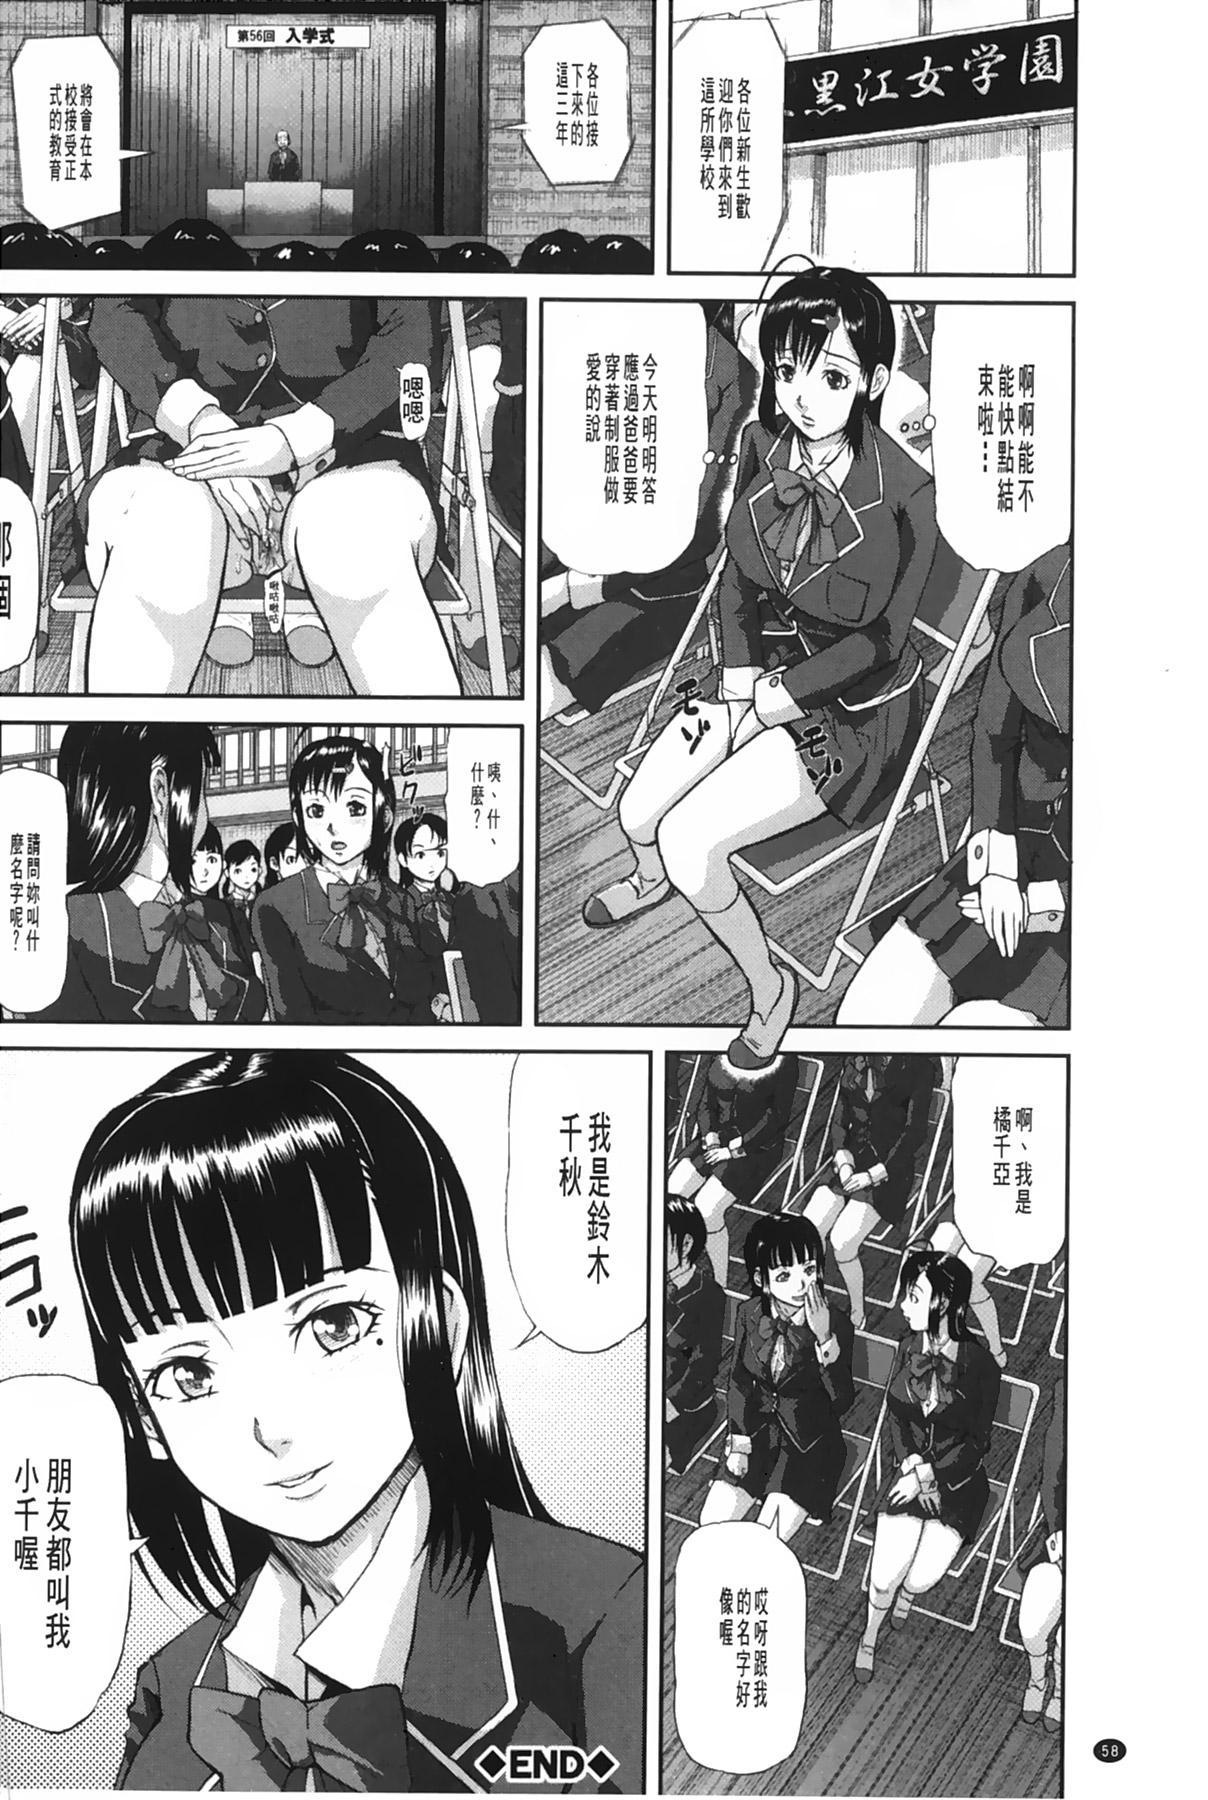 [Honebuto Danshaku] Onna Jigoku Niku no Tsubo~Hentai Rui Inran Ka Mesu Buta Ichidaiki~ | 女地獄、肉之壺 ~変態類淫乱科淫母豬一代記~ [Chinese] 58